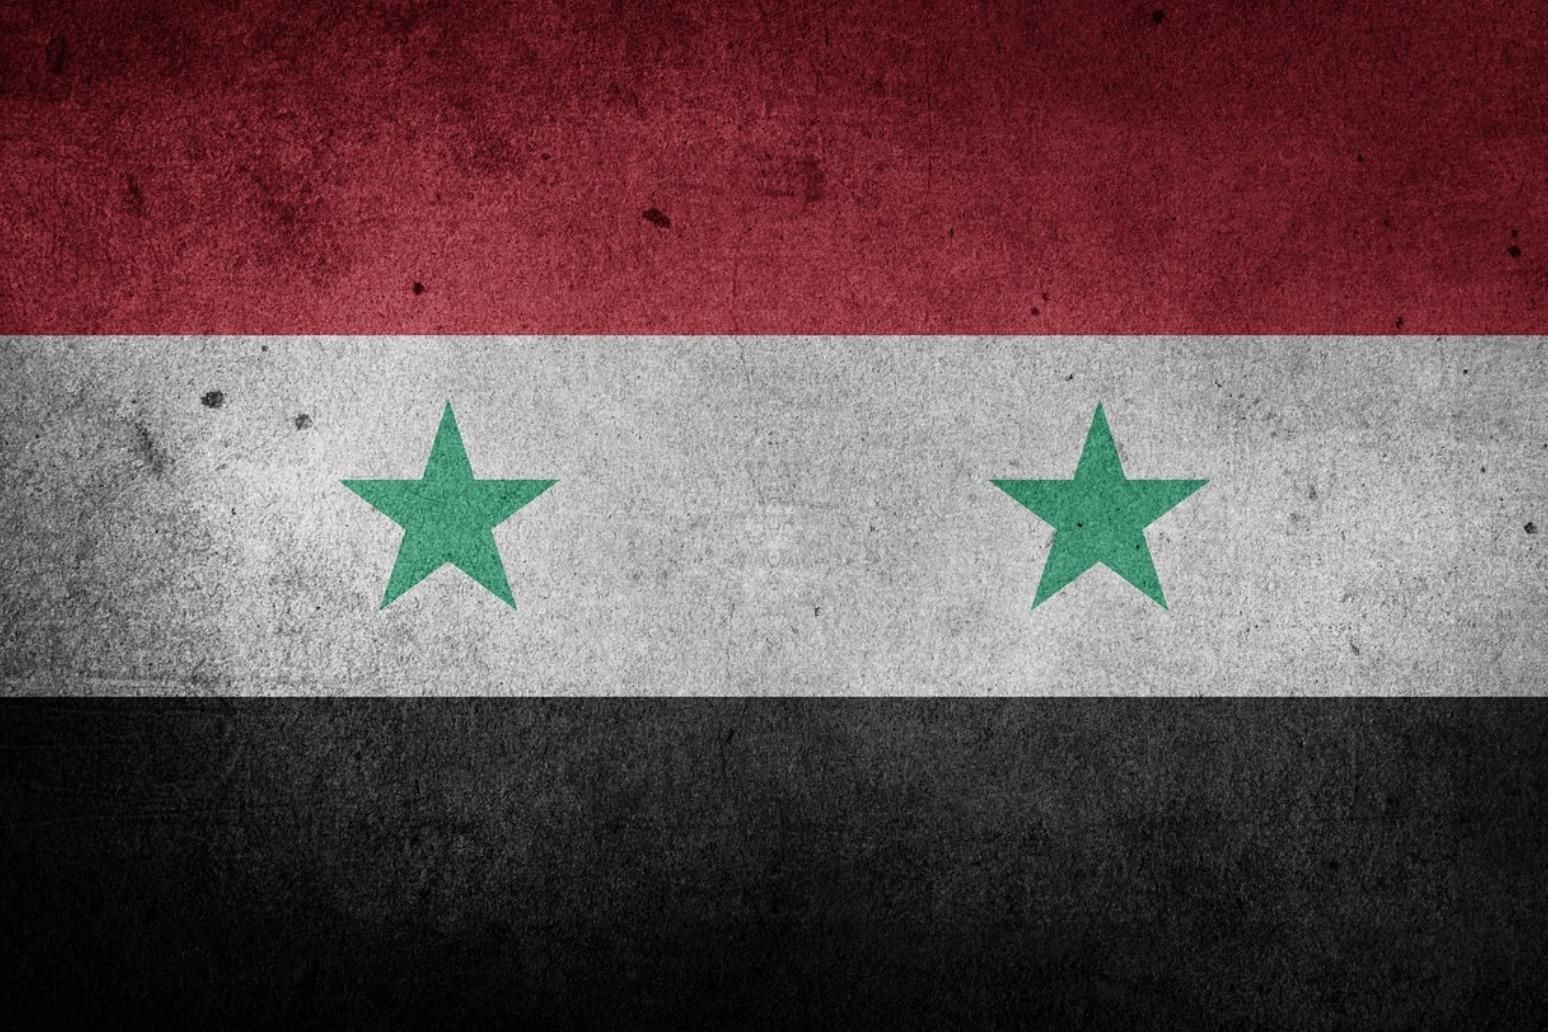 Israel blamed for Syrian missile strike